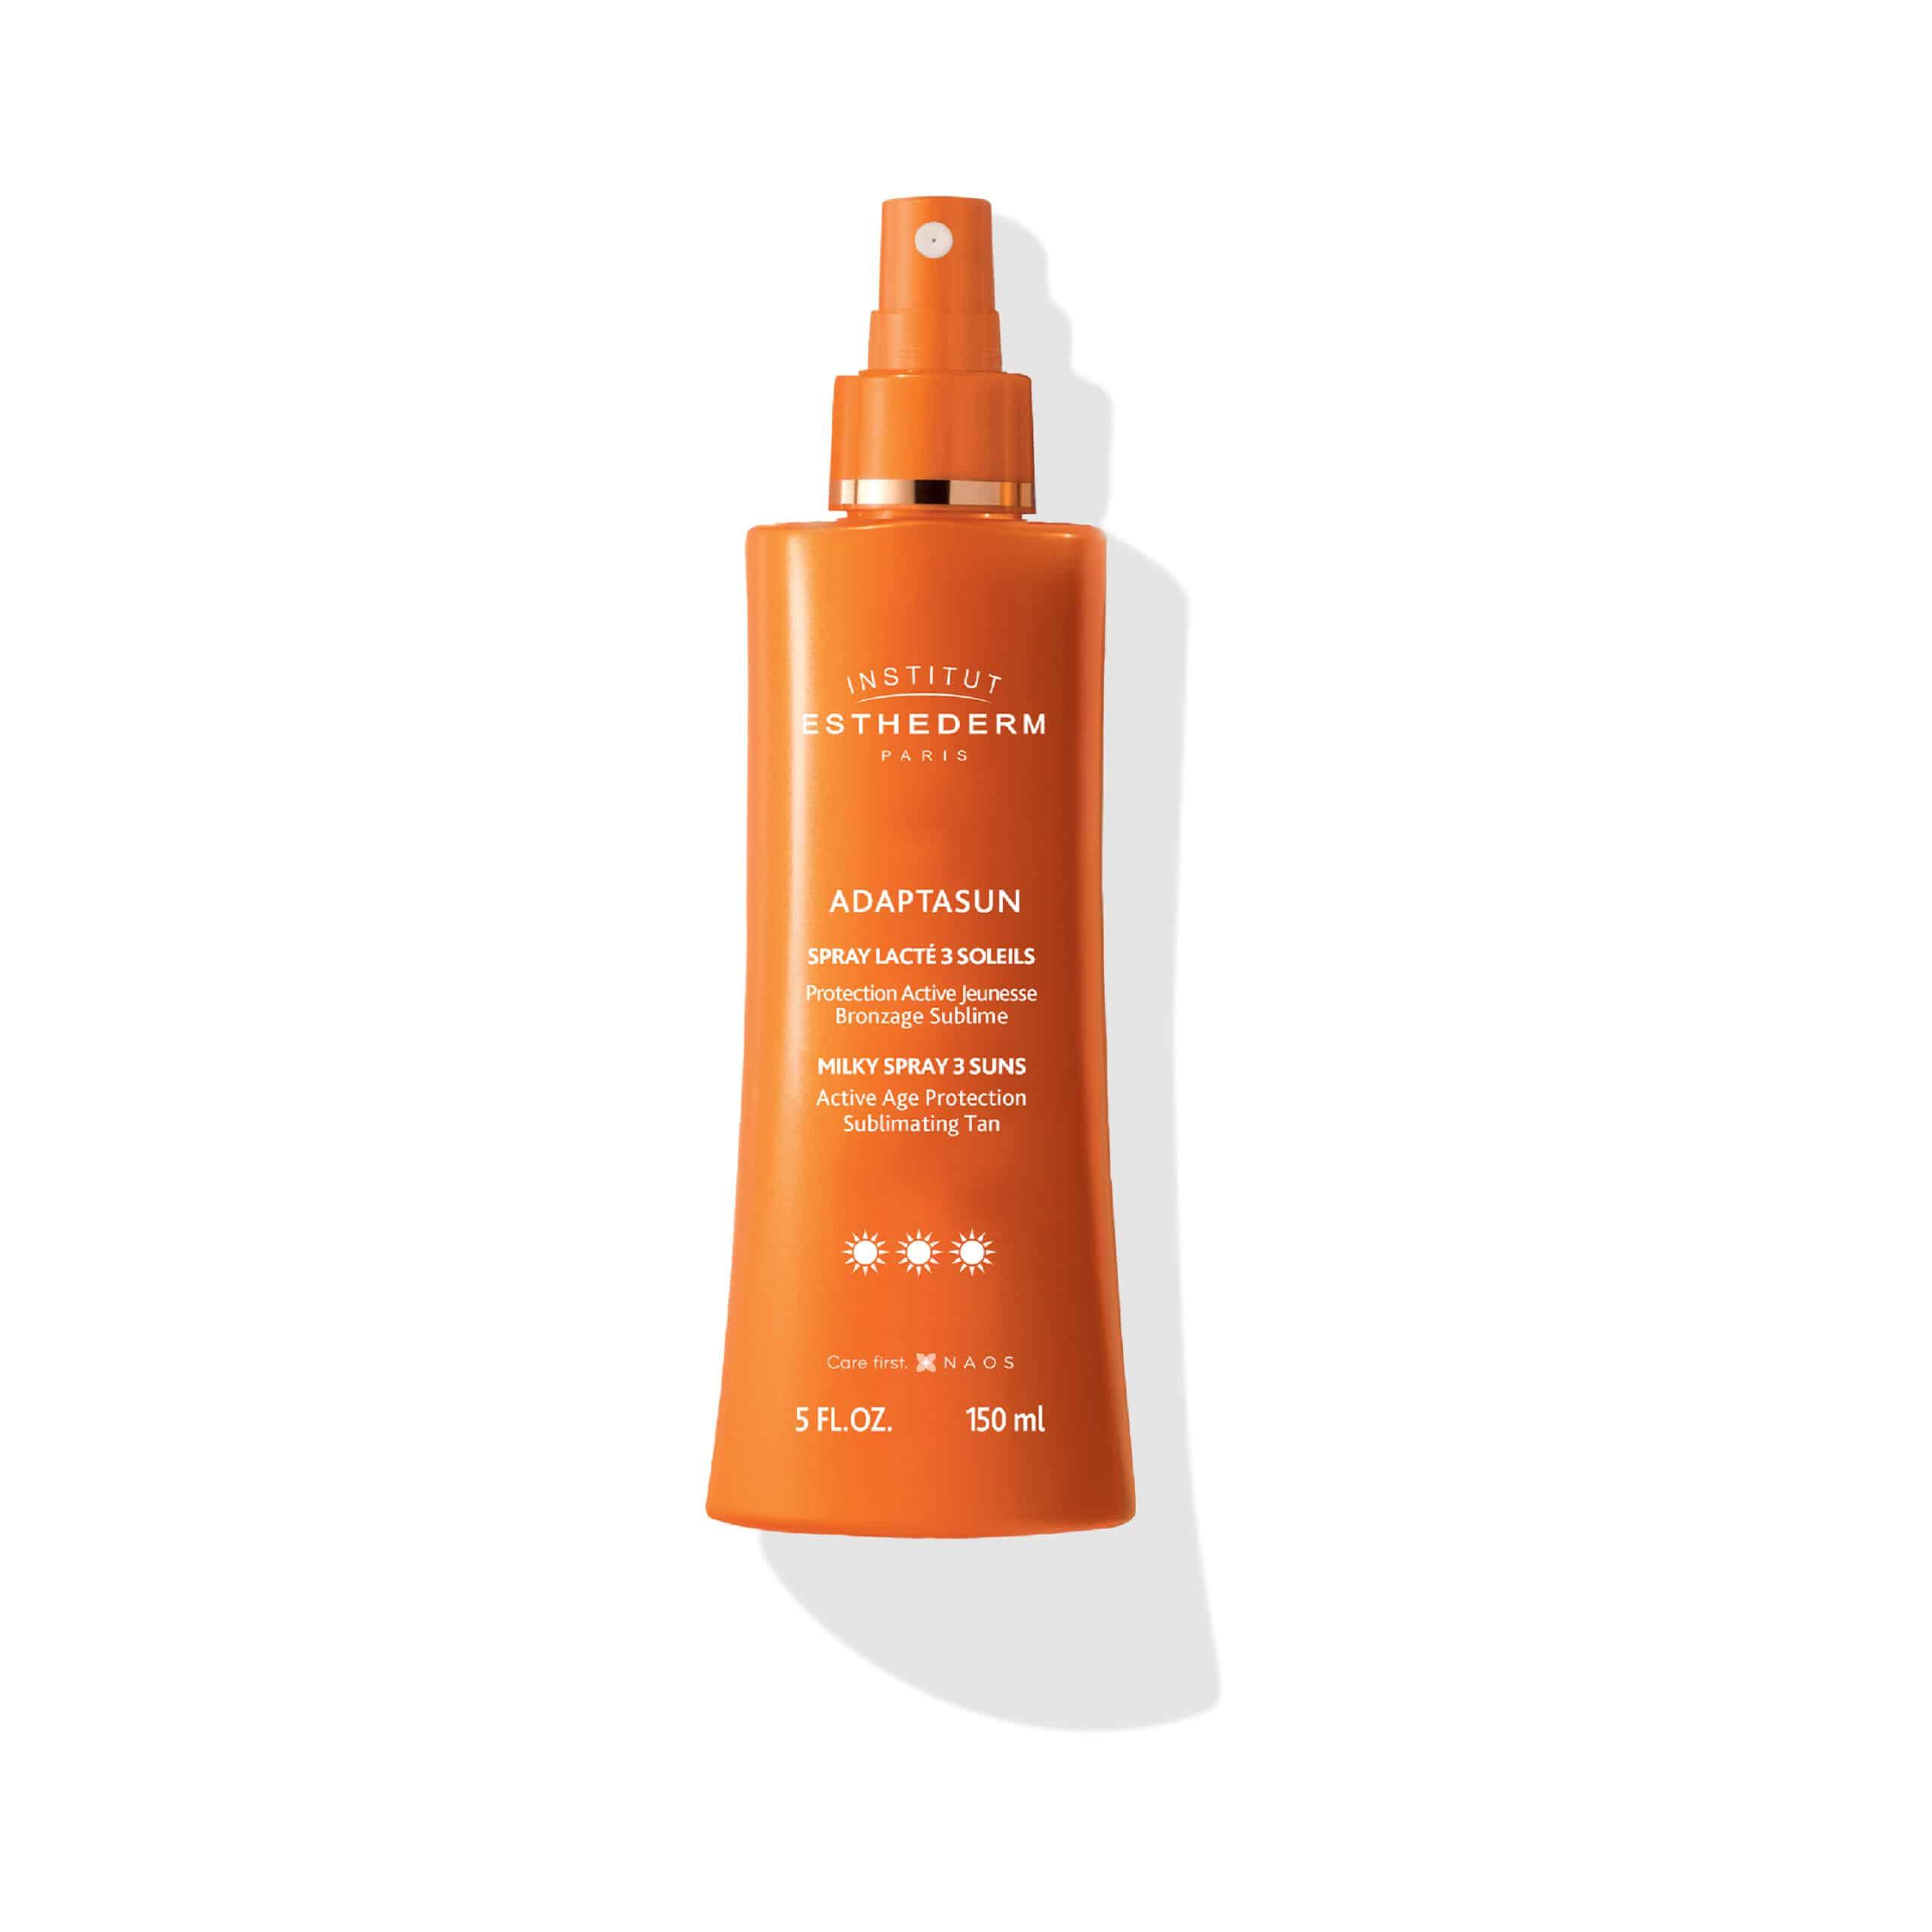 ESTHEDERM photo produit, Spray Lacté 3 Soleils 150 ml, lait solaire vaporisateur, UVA UVB, soin hydratant